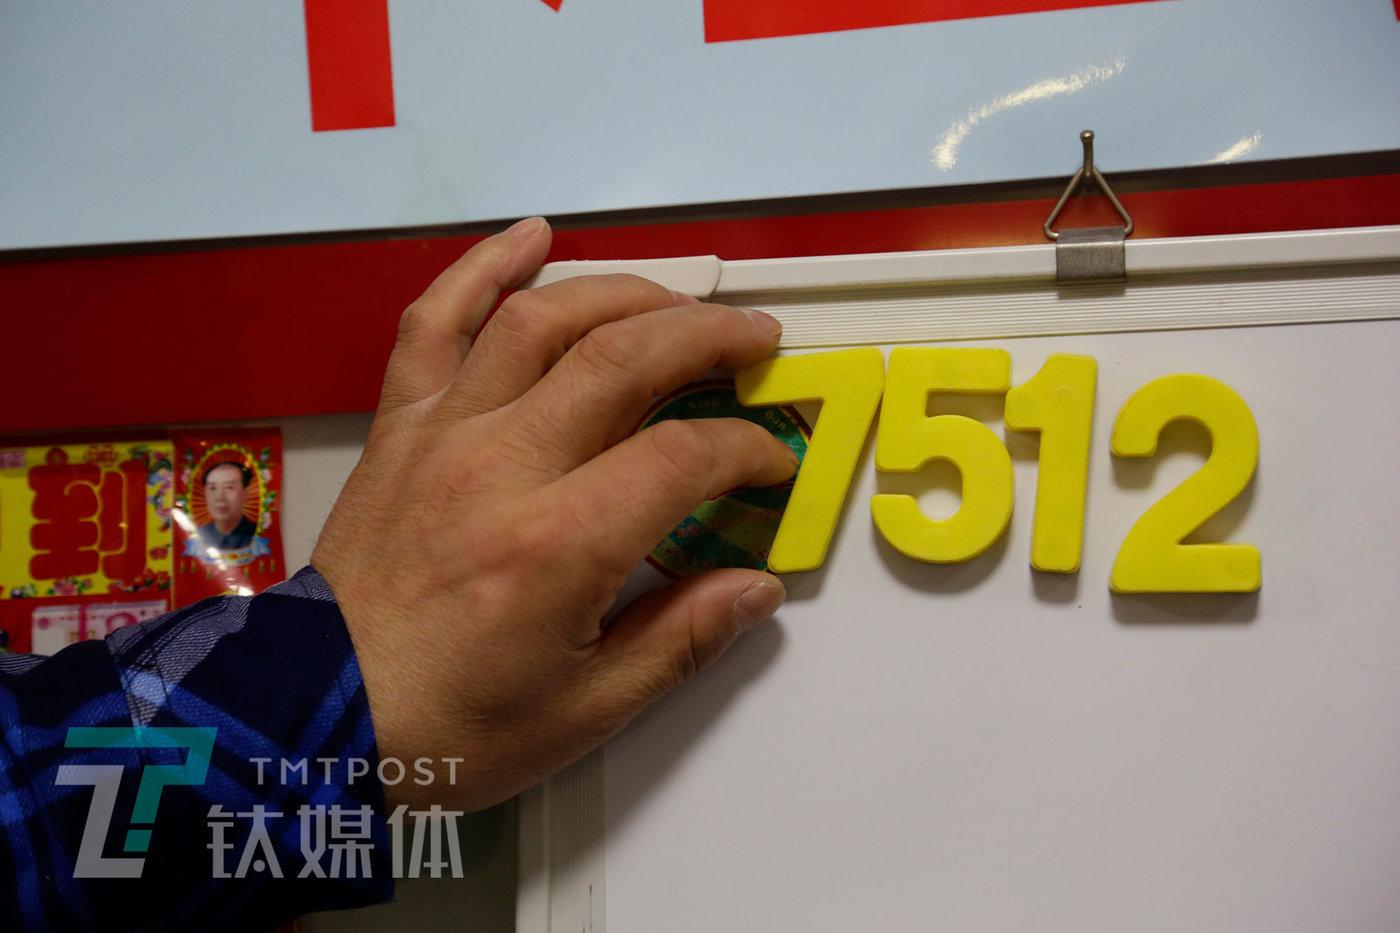 四位盲人按摩师的编号,7512别离对答:老姜、巷子、老张、幼朱。